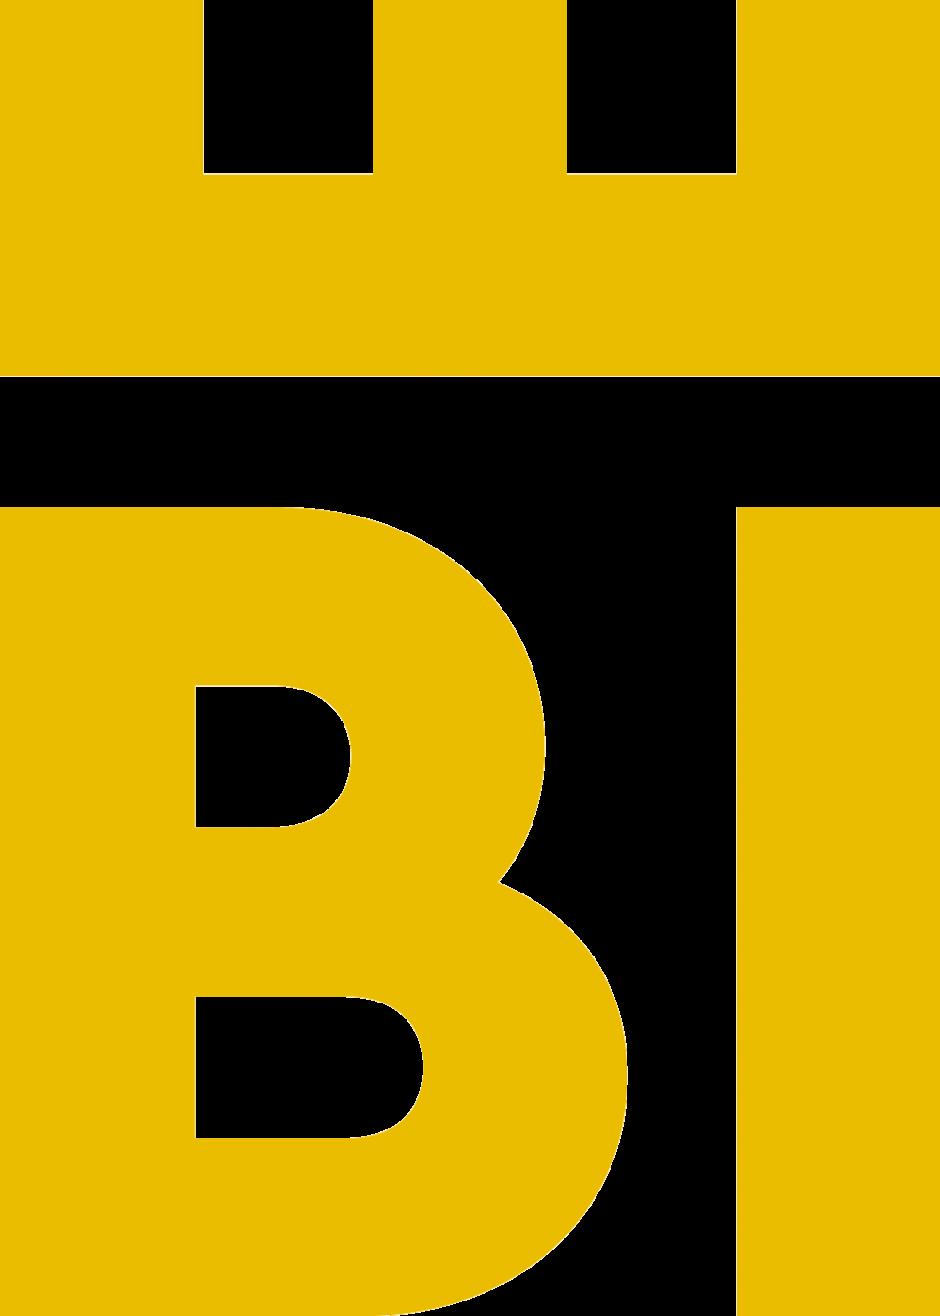 Logovariante gelb